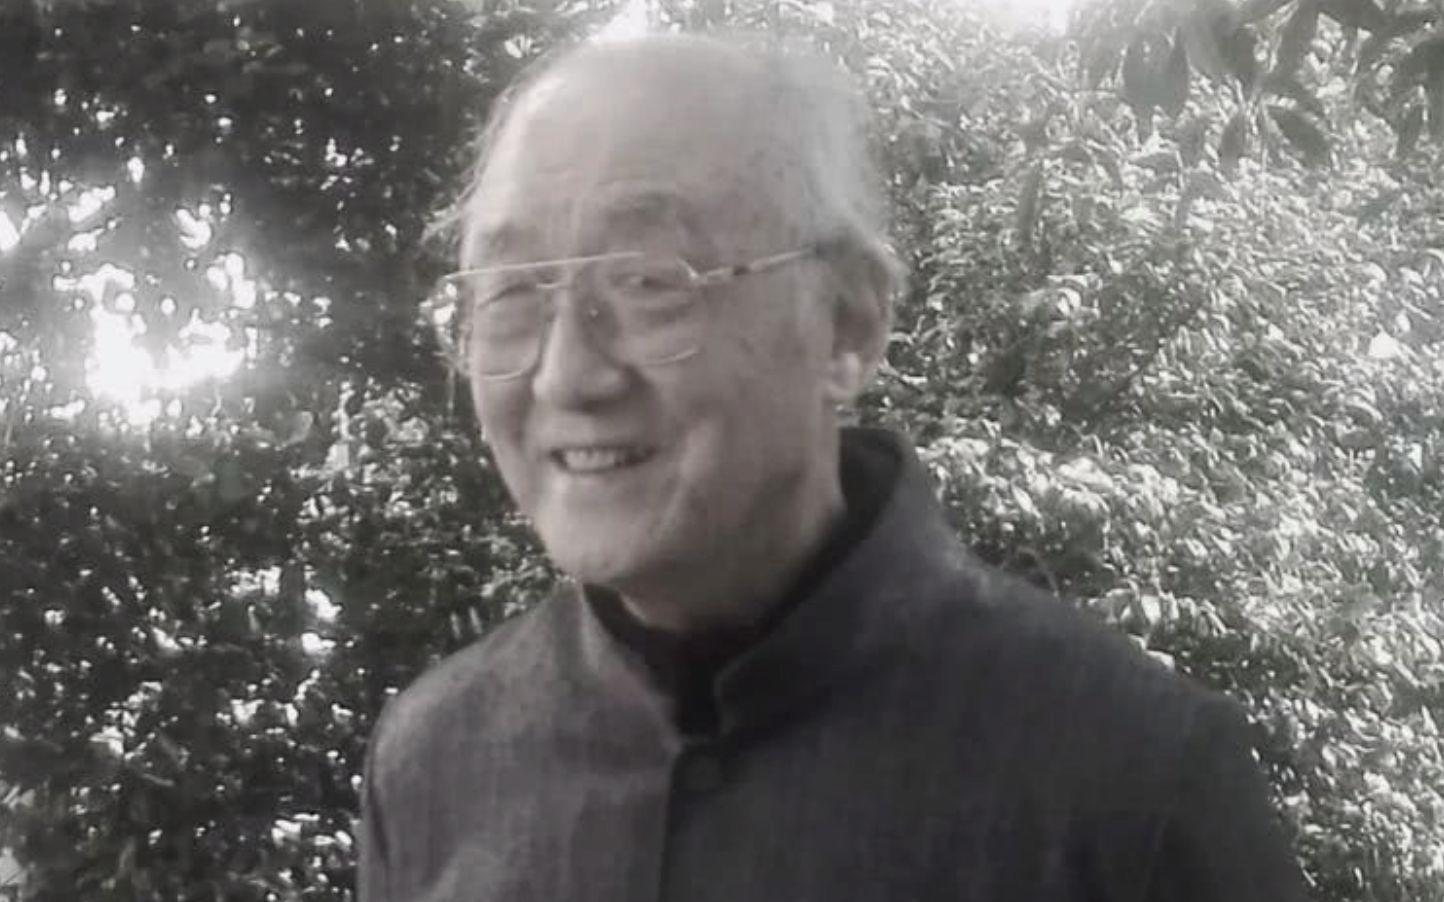 德语翻译家朱雁冰逝世,政治哲学类译著对国内影响深远